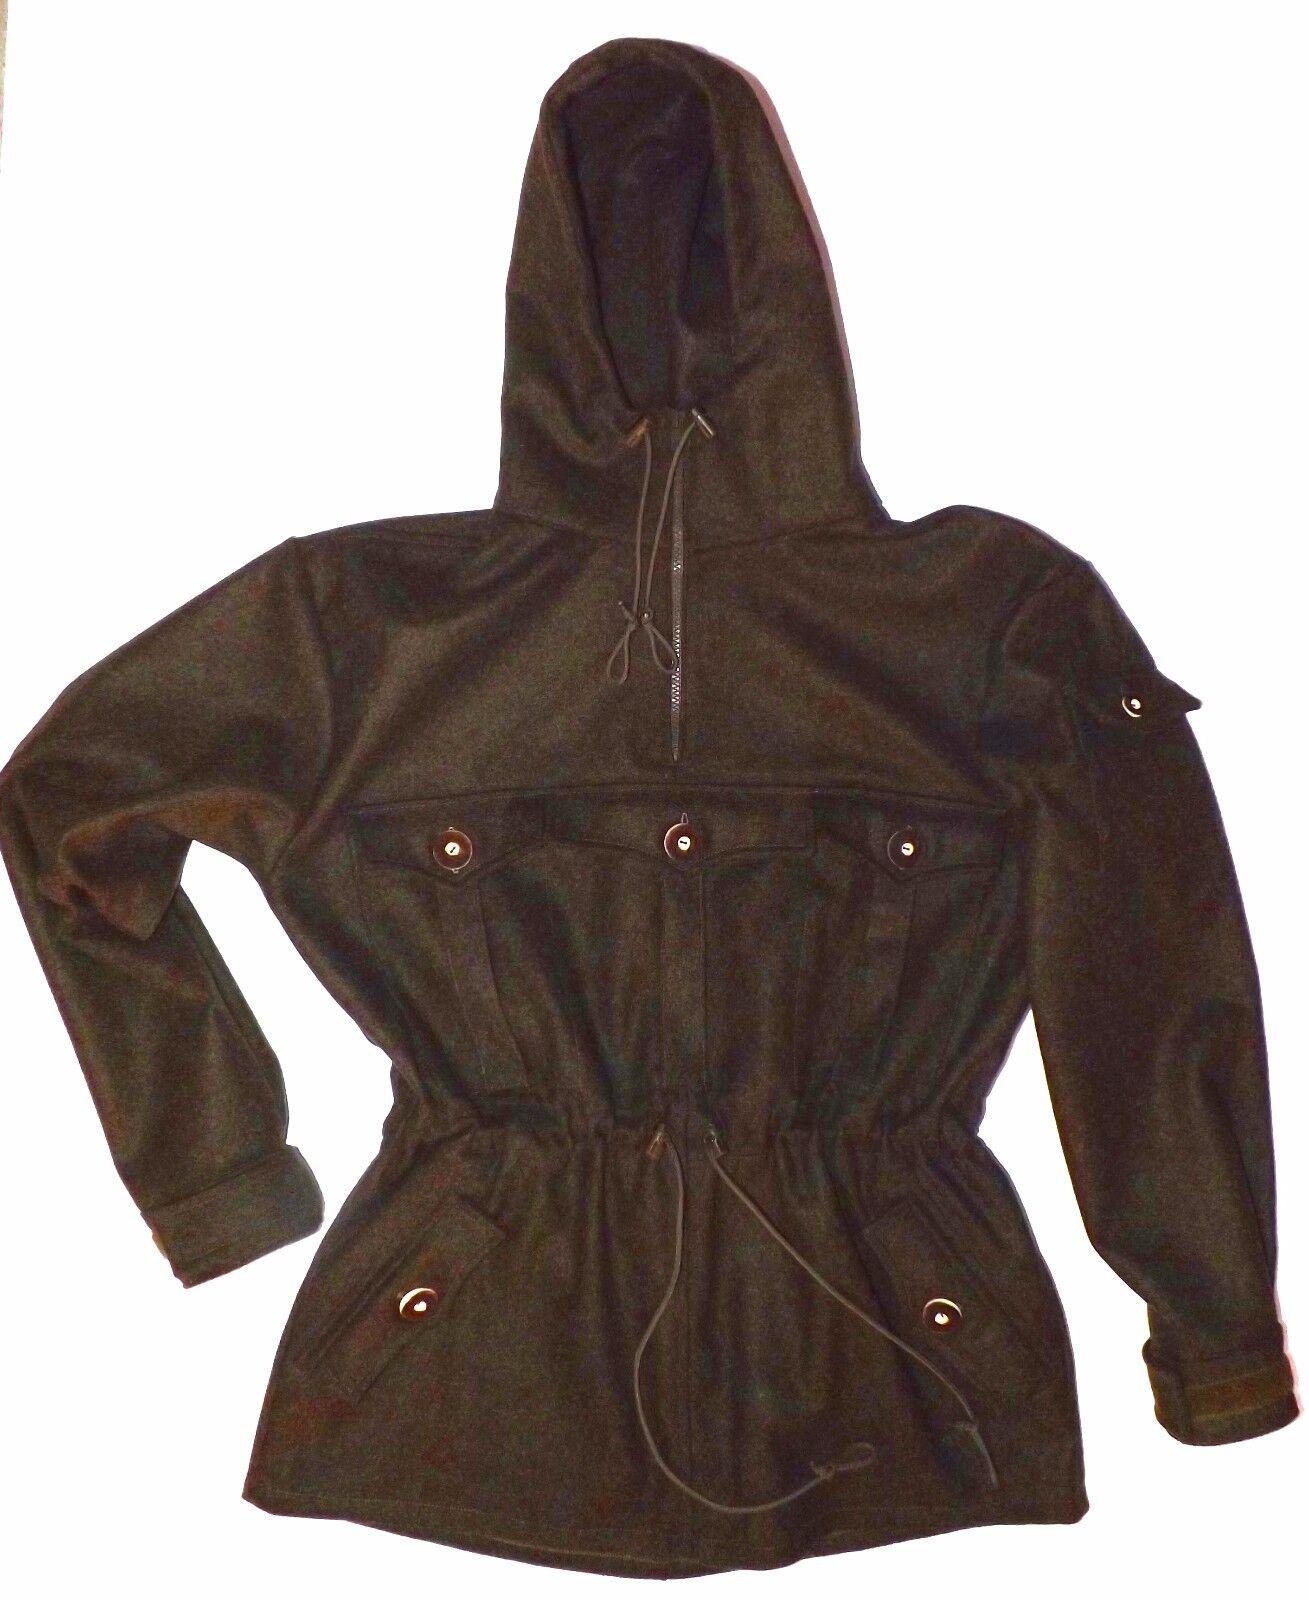 Nuevo schlupfjacke-caza chaqueta anorak de gebirgsloden marrón o verde cazador